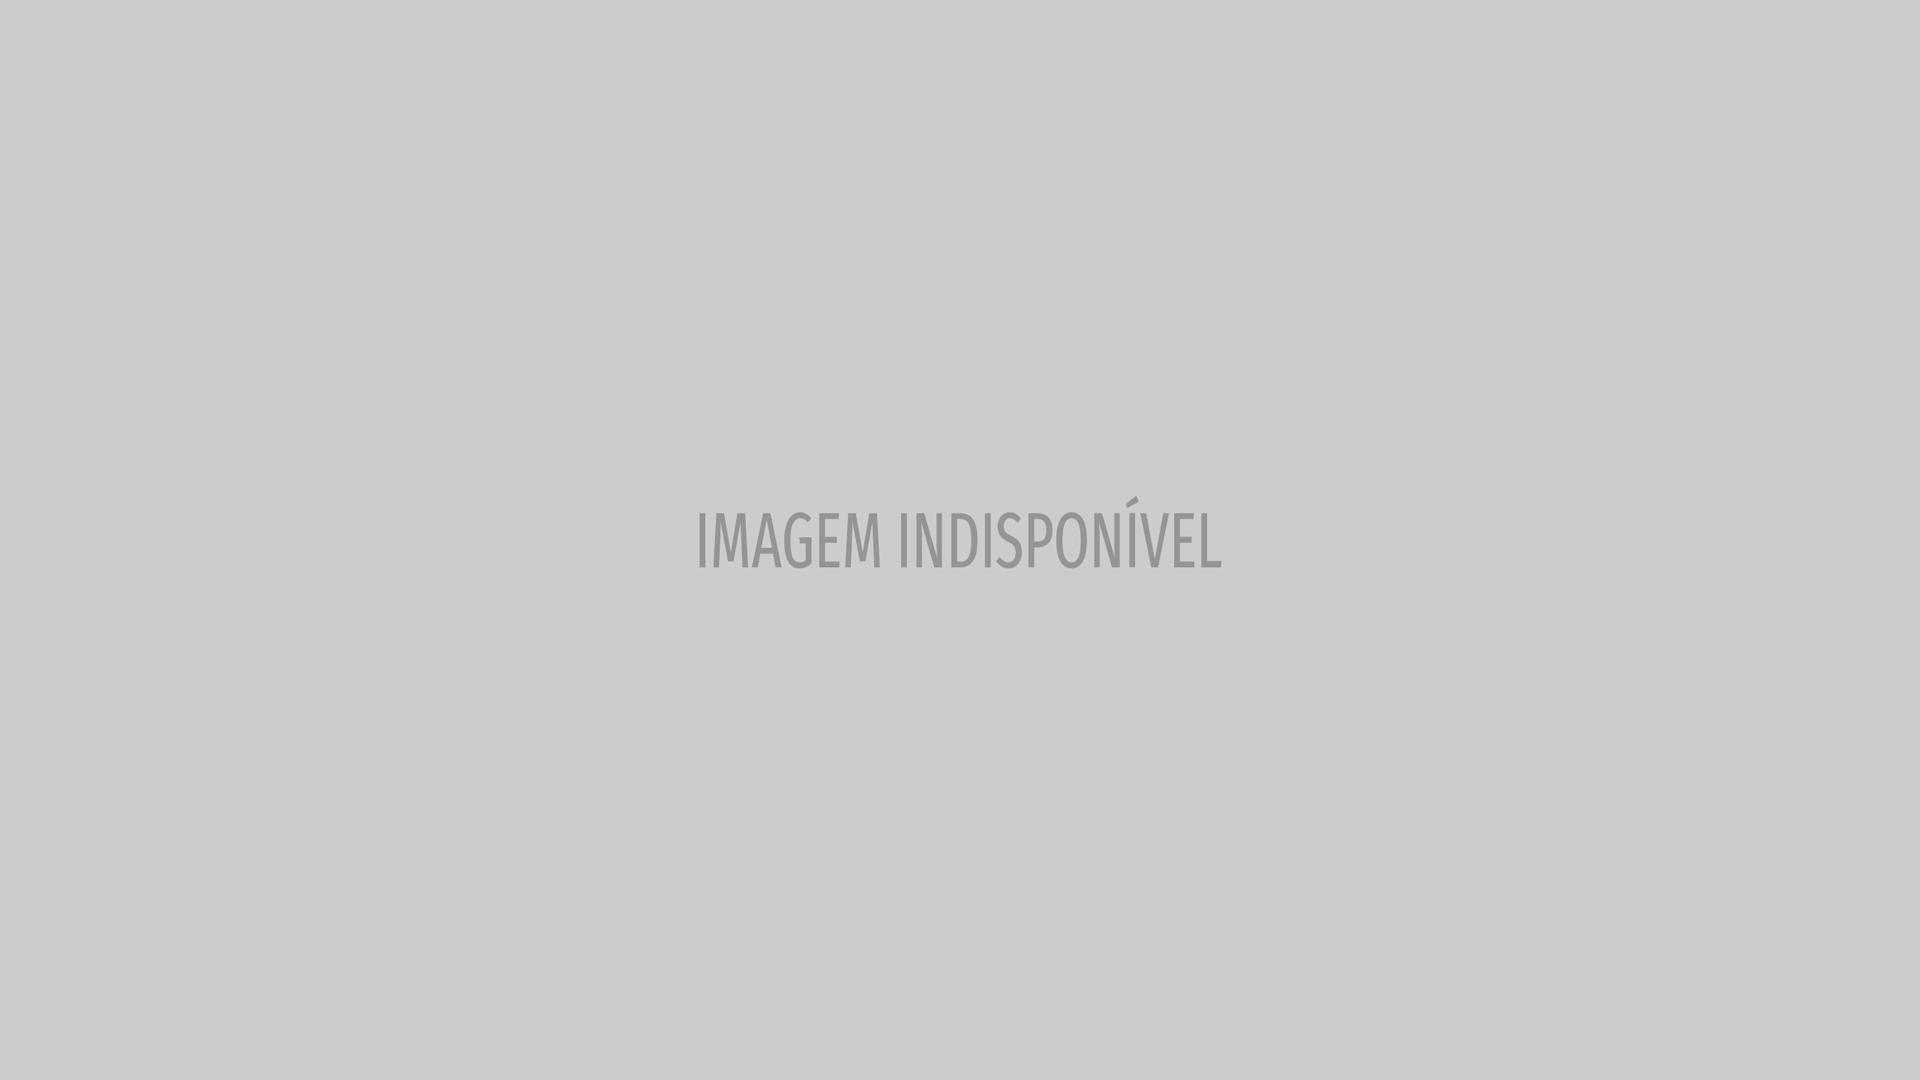 Mulher casou com ela própria porque não precisa de um príncipe encantado